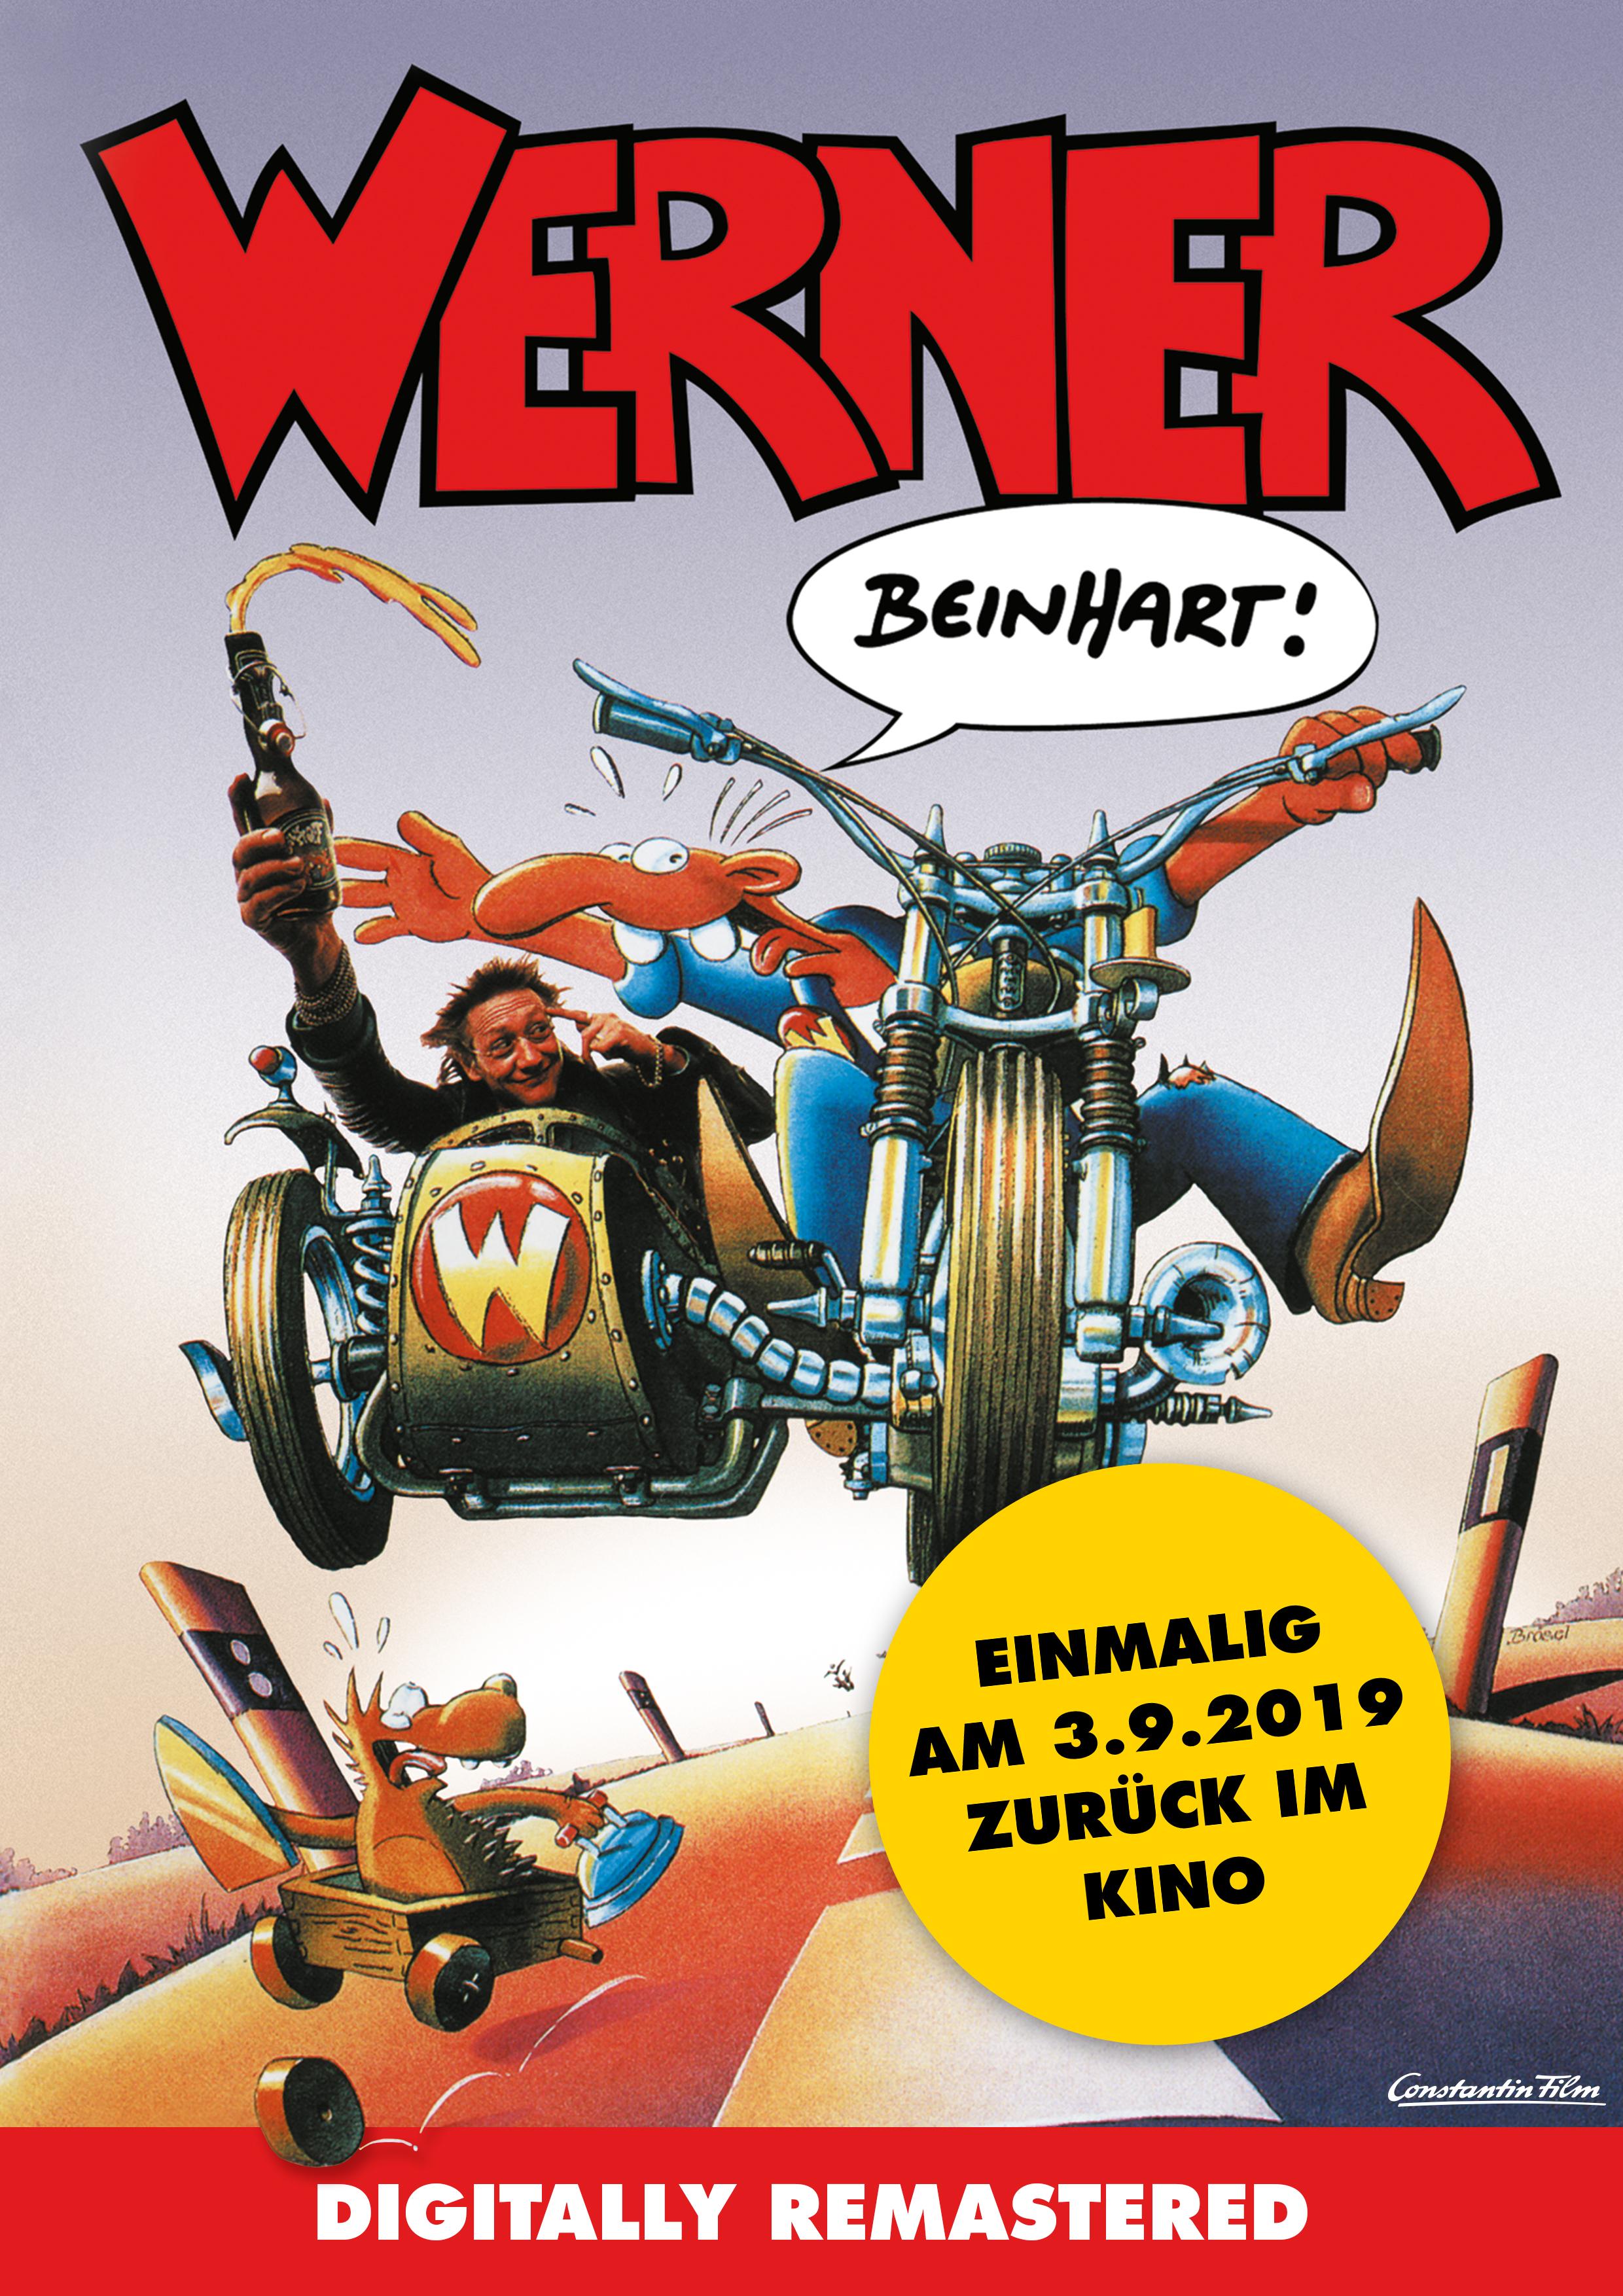 WERNER – BEINHART! zurück auf der großen Leinwand (Video)